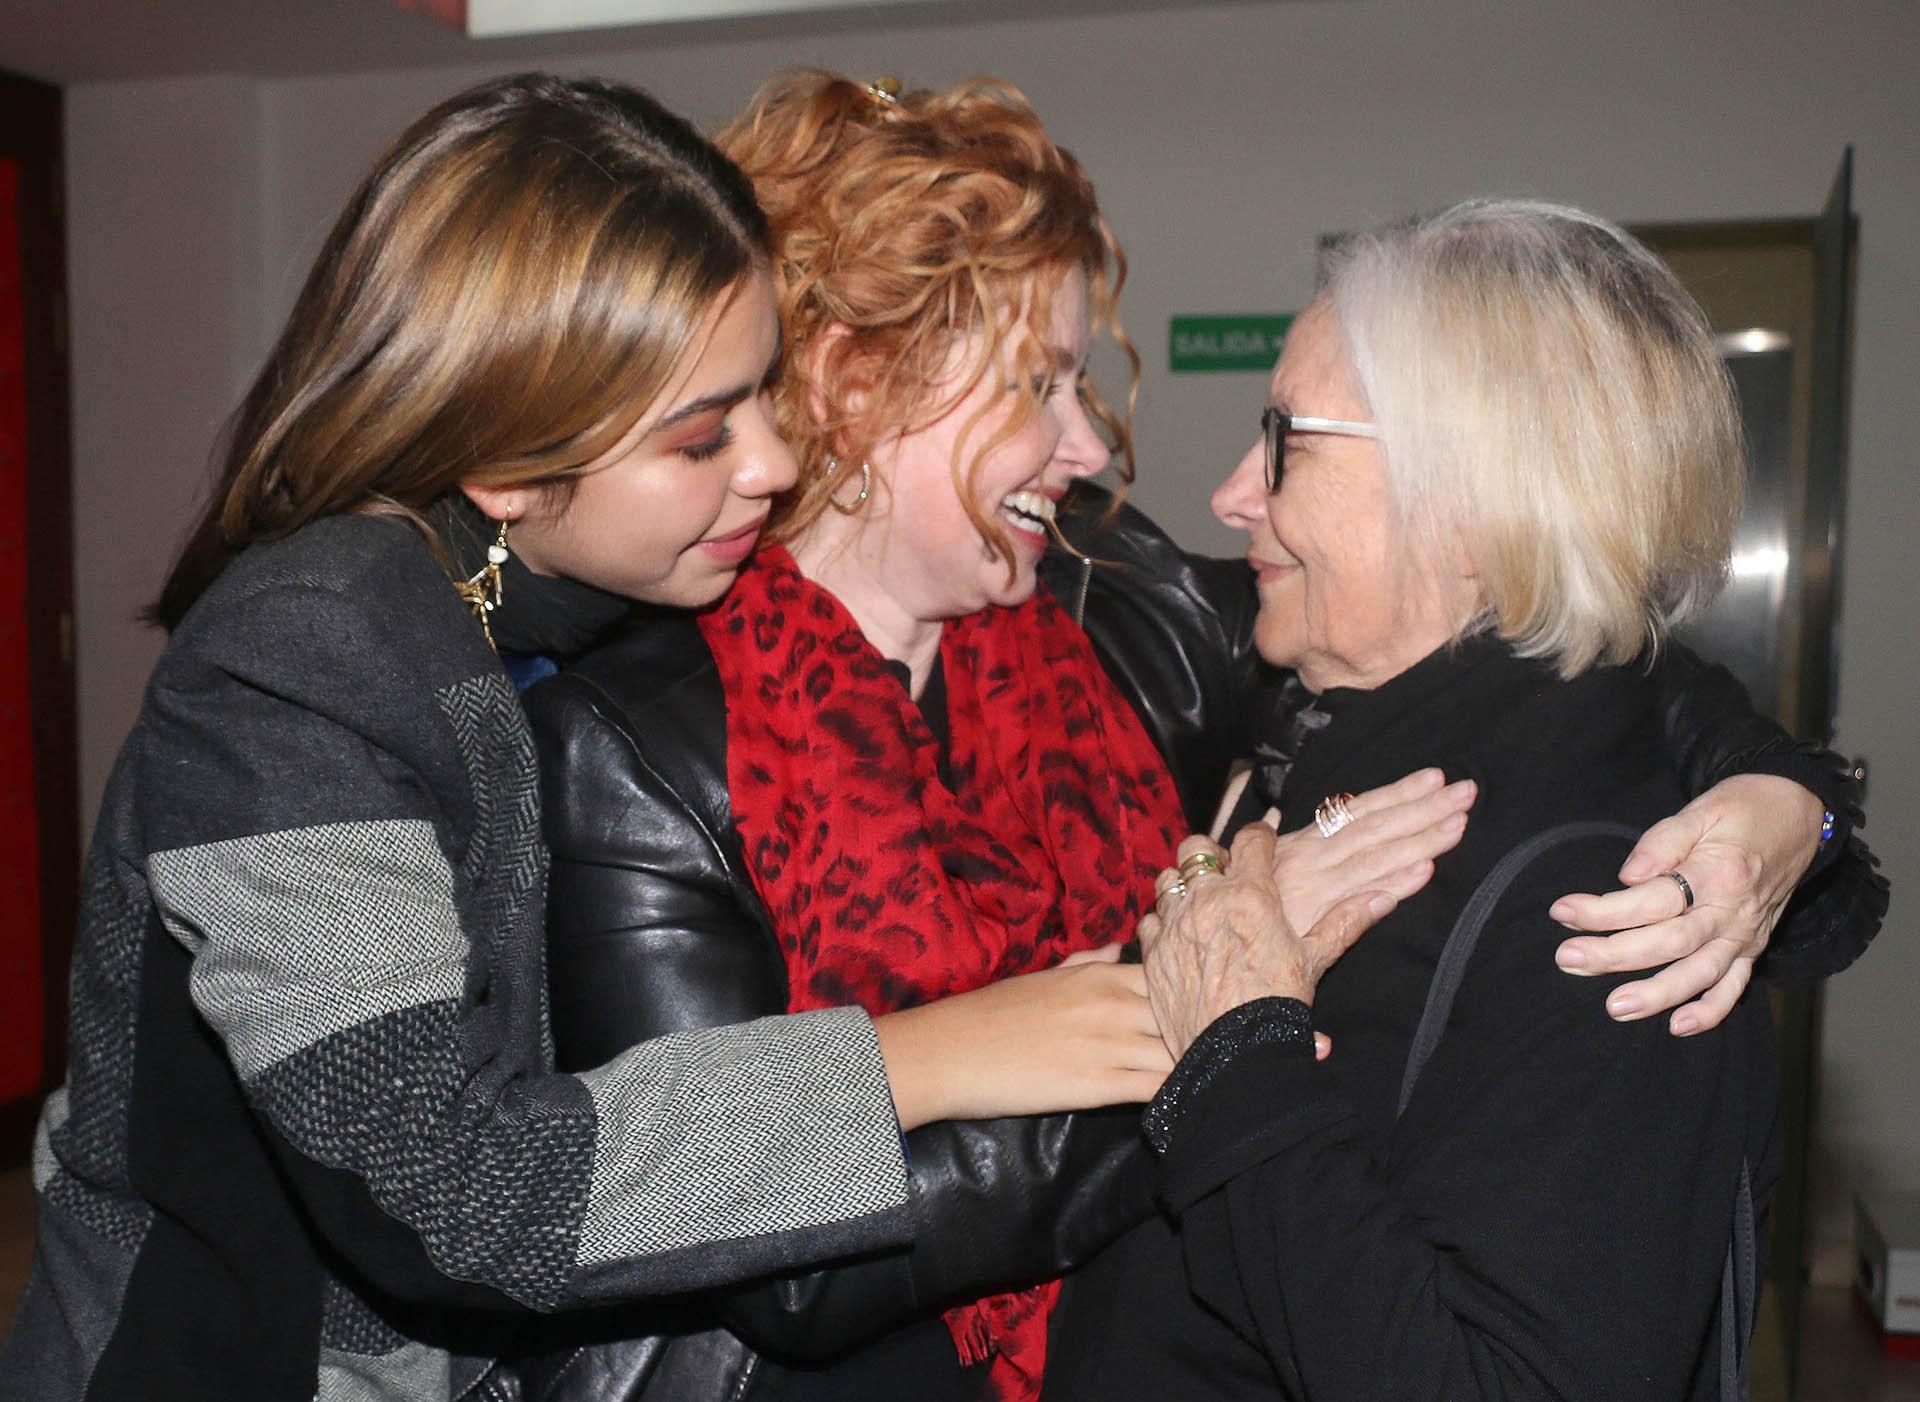 Las tres generaciones: Ana María, Andrea del Boca y Anna Chiara